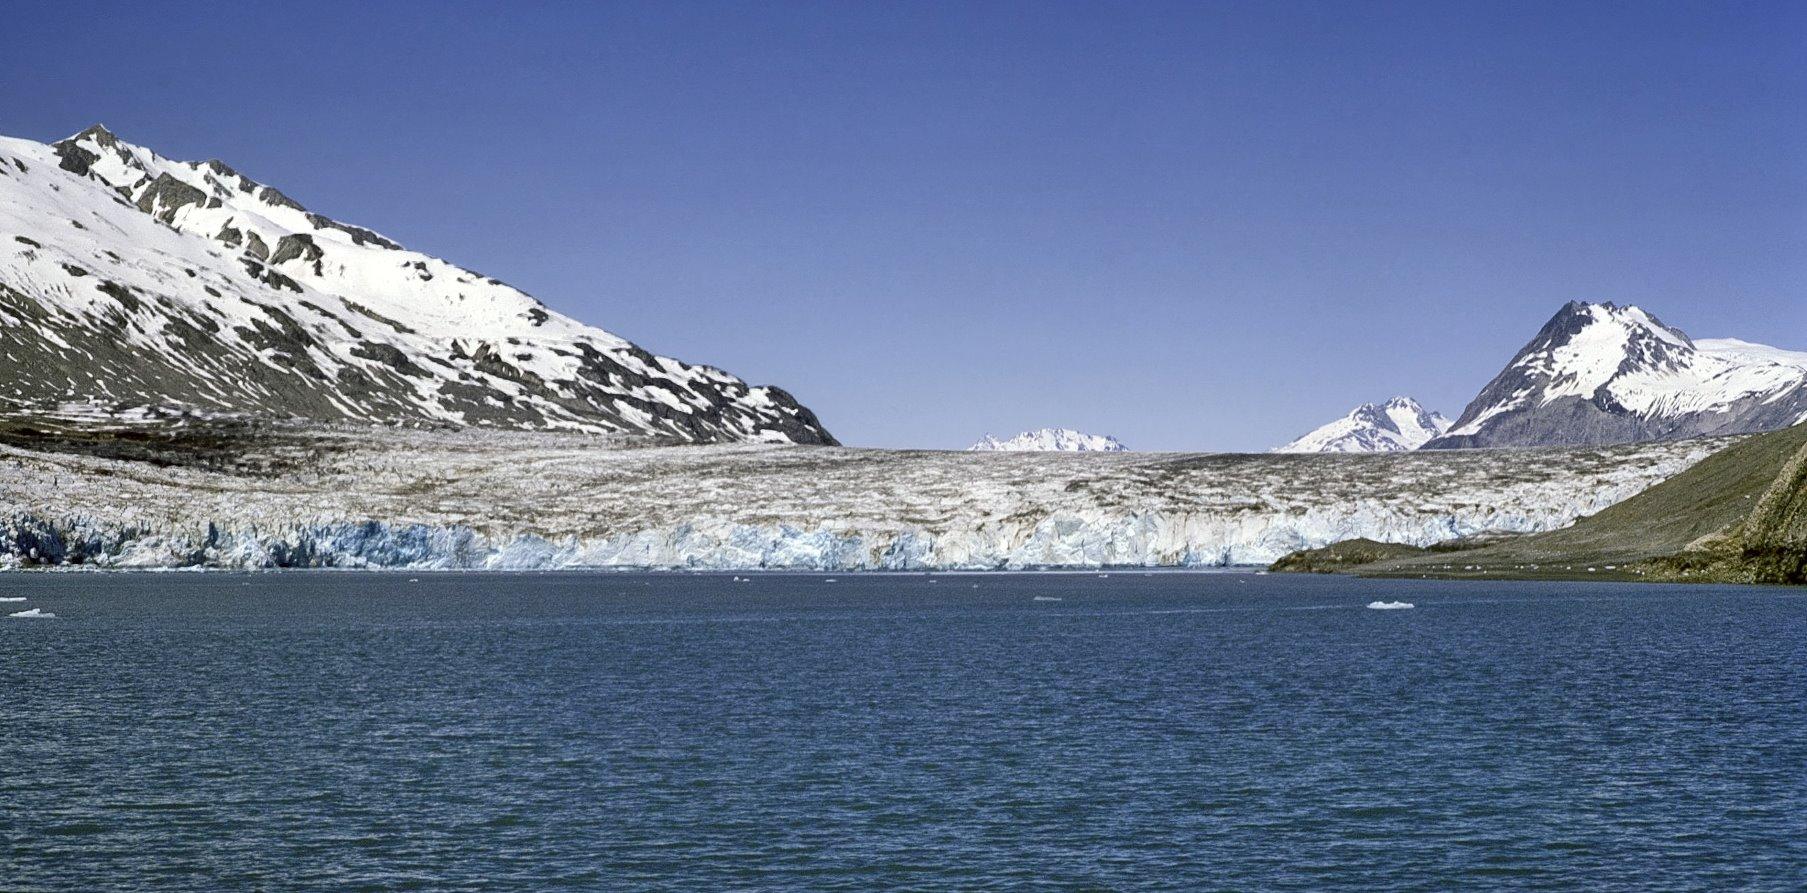 Plateau Glacier in Wachusett Inlet on June 5, 1967.